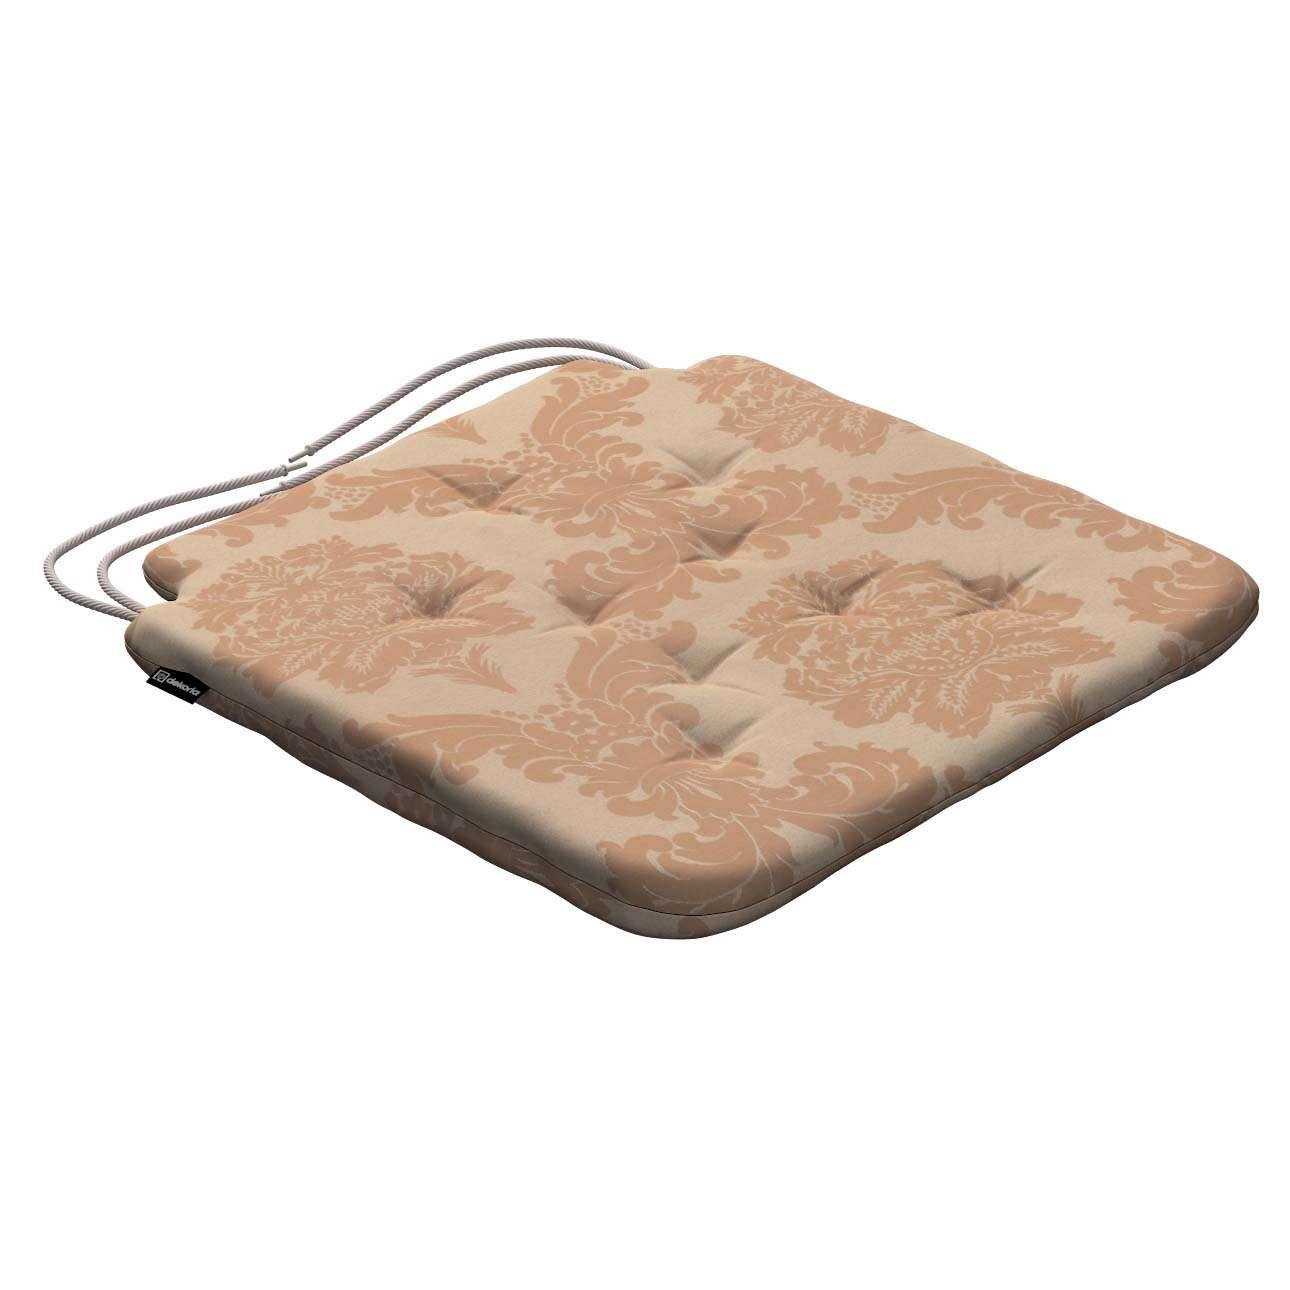 Siedzisko Olek na krzesło 42x41x3,5cm w kolekcji Damasco, tkanina: 613-04